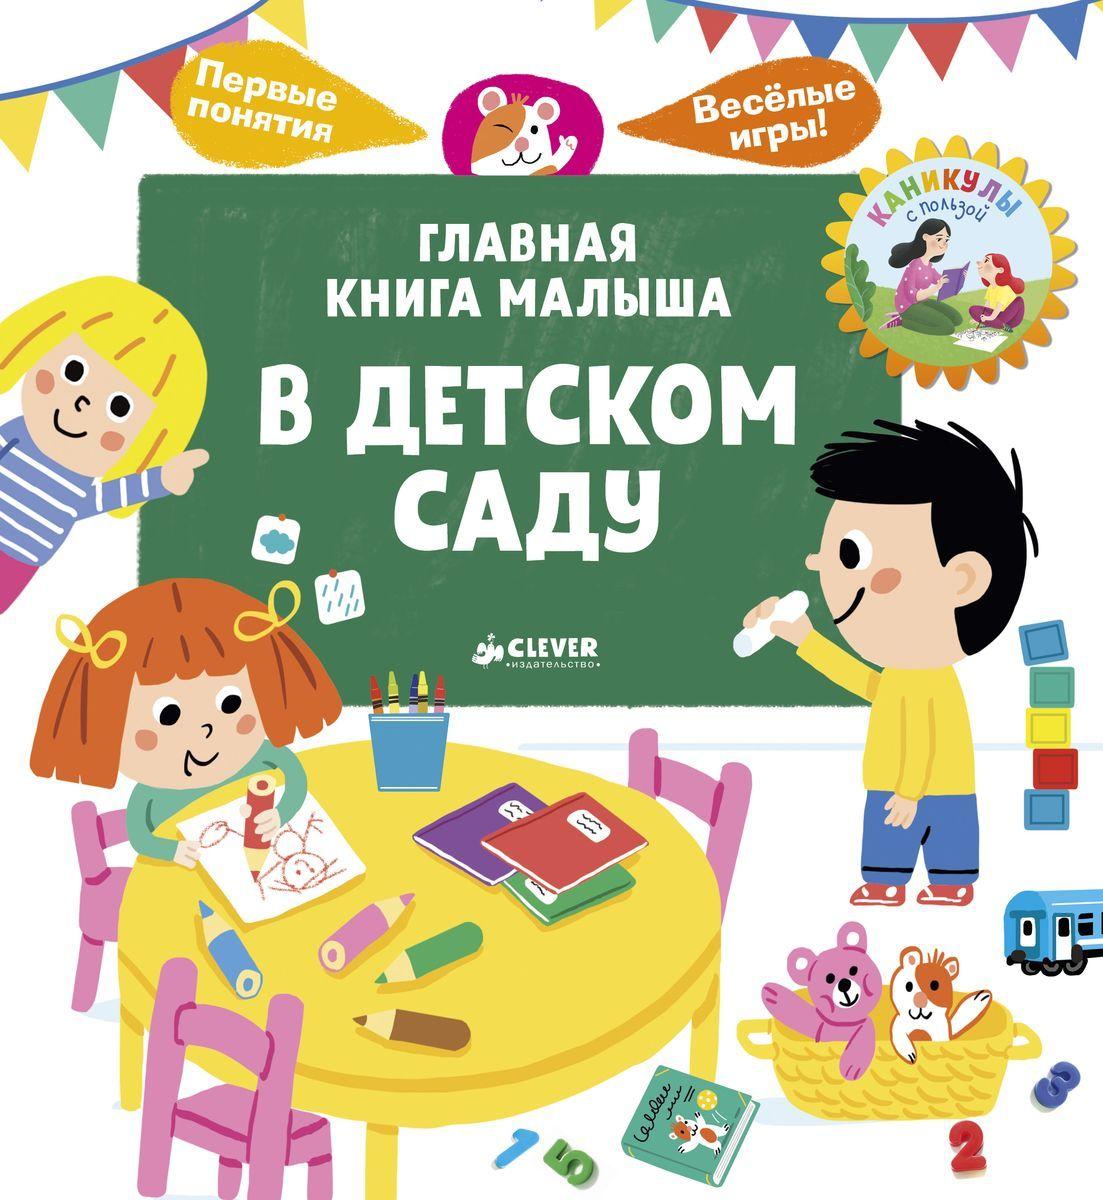 В детском саду. Главная книга малыша